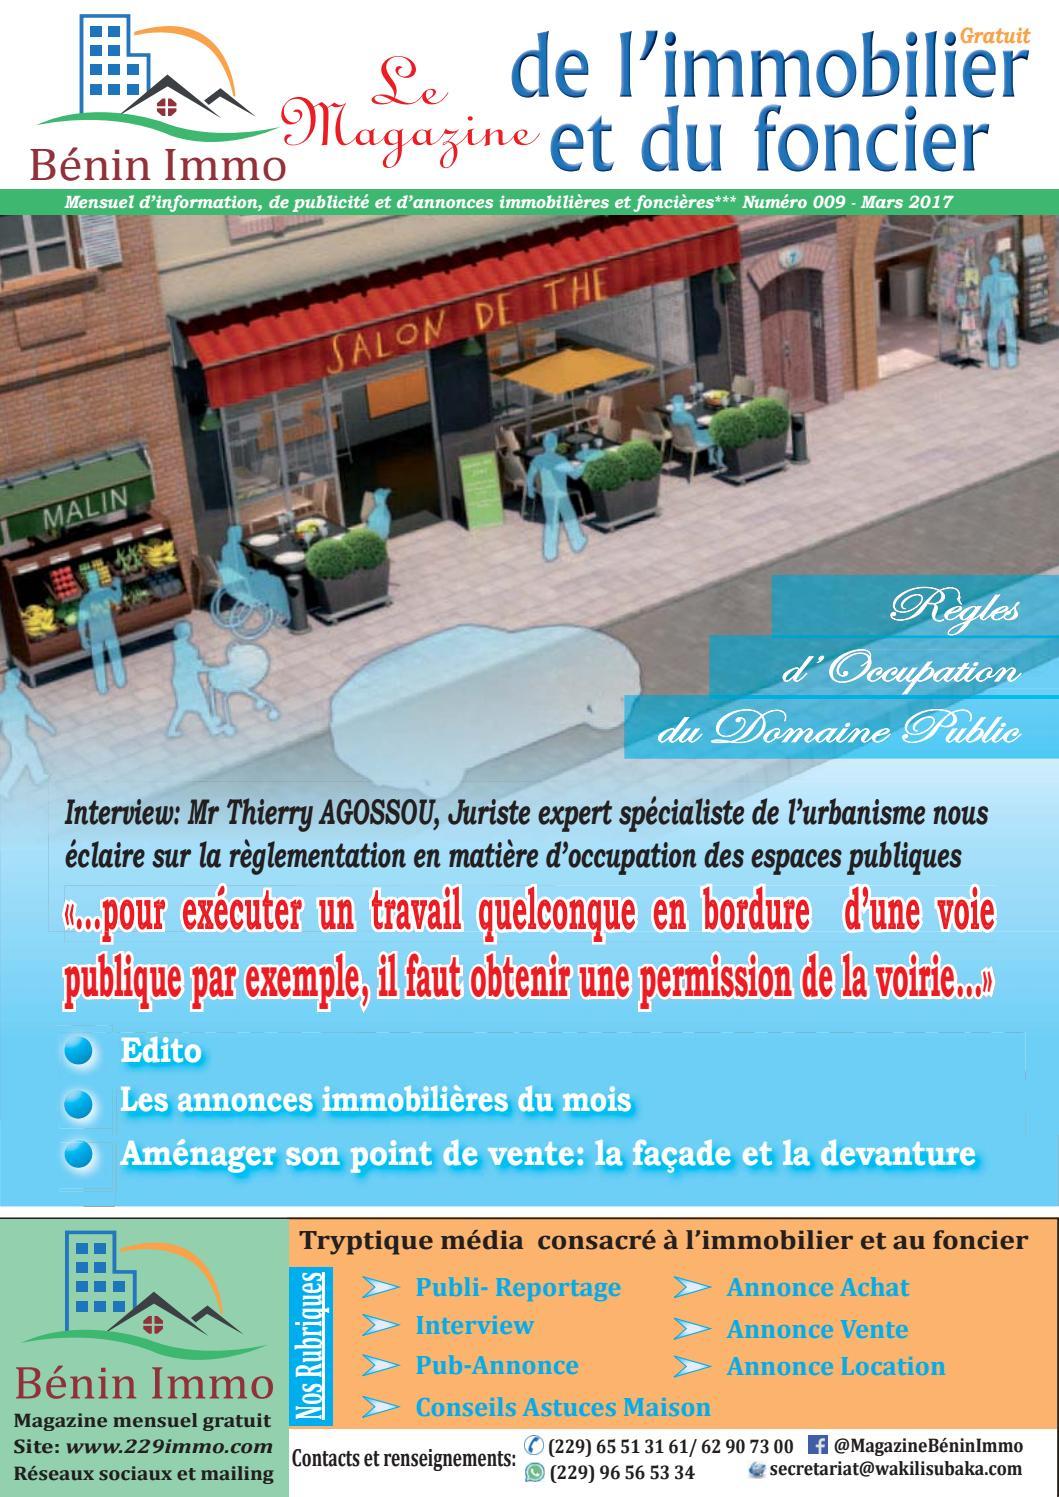 Le Magazine De L Immobilier Et Du Foncier N 09 By 229immo